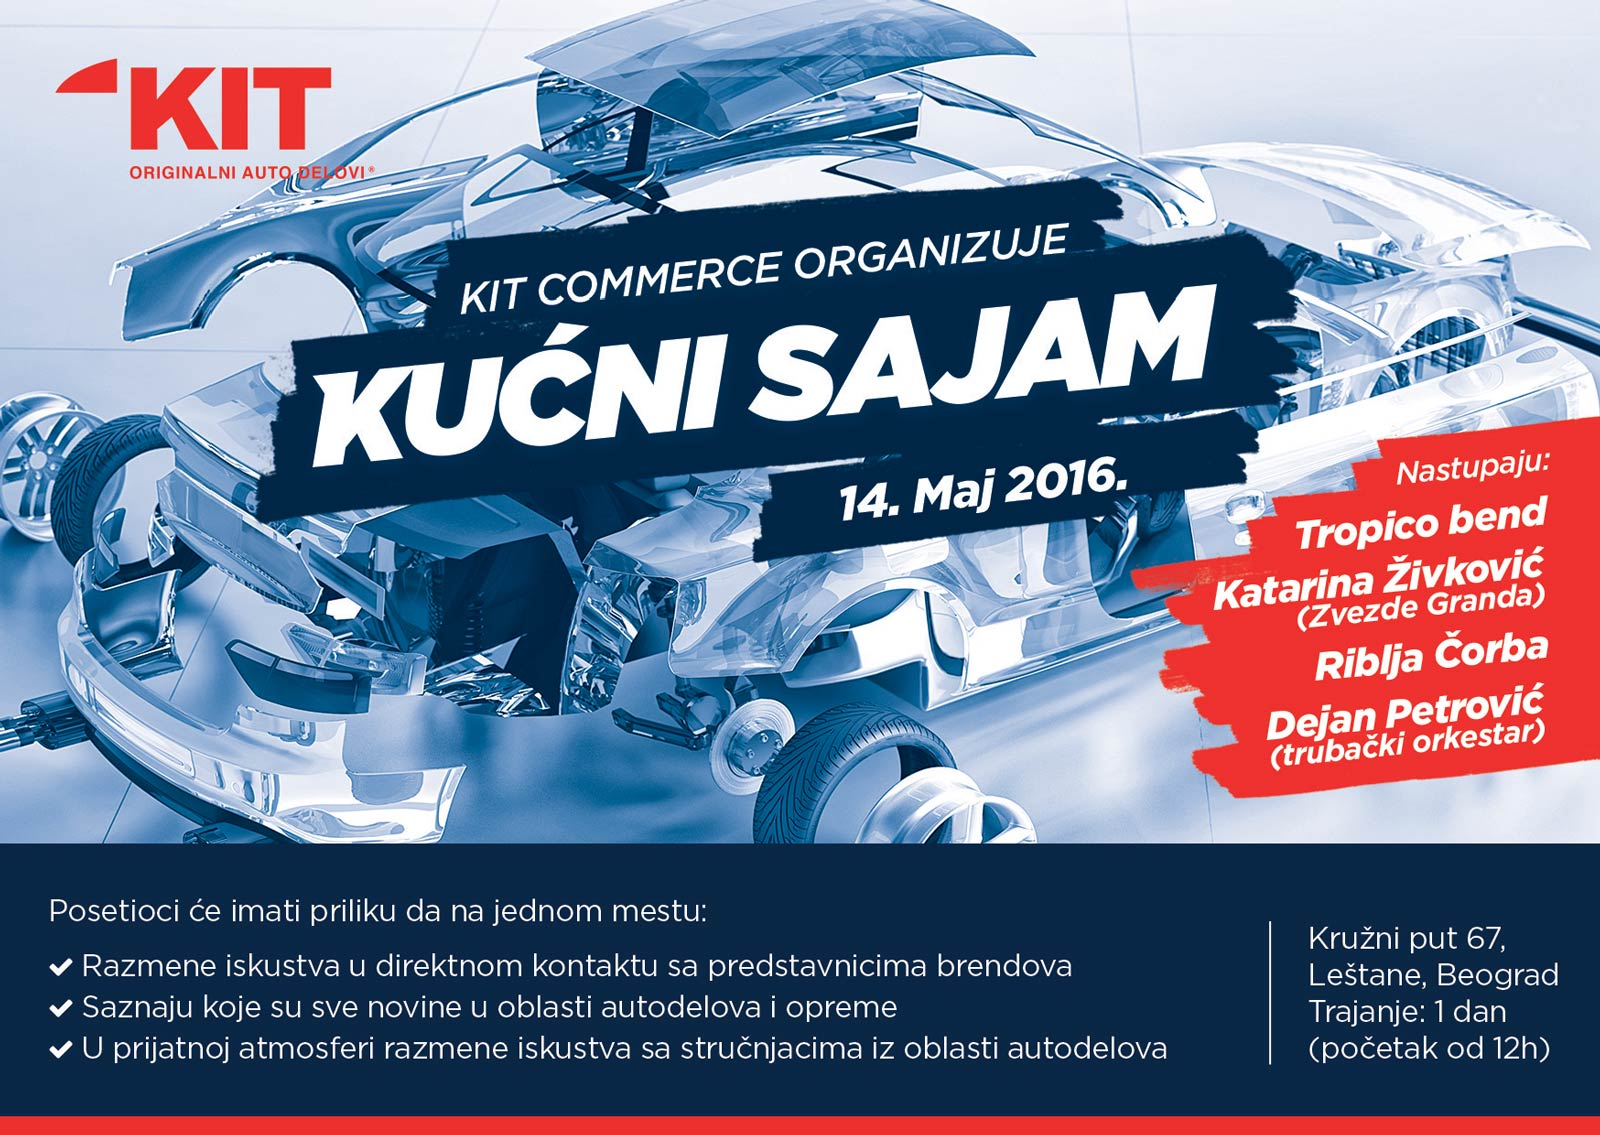 Dizajn pozivnice za kućni sajam povodom desetogodišnjeg jubileja kompanije KIT Commerce